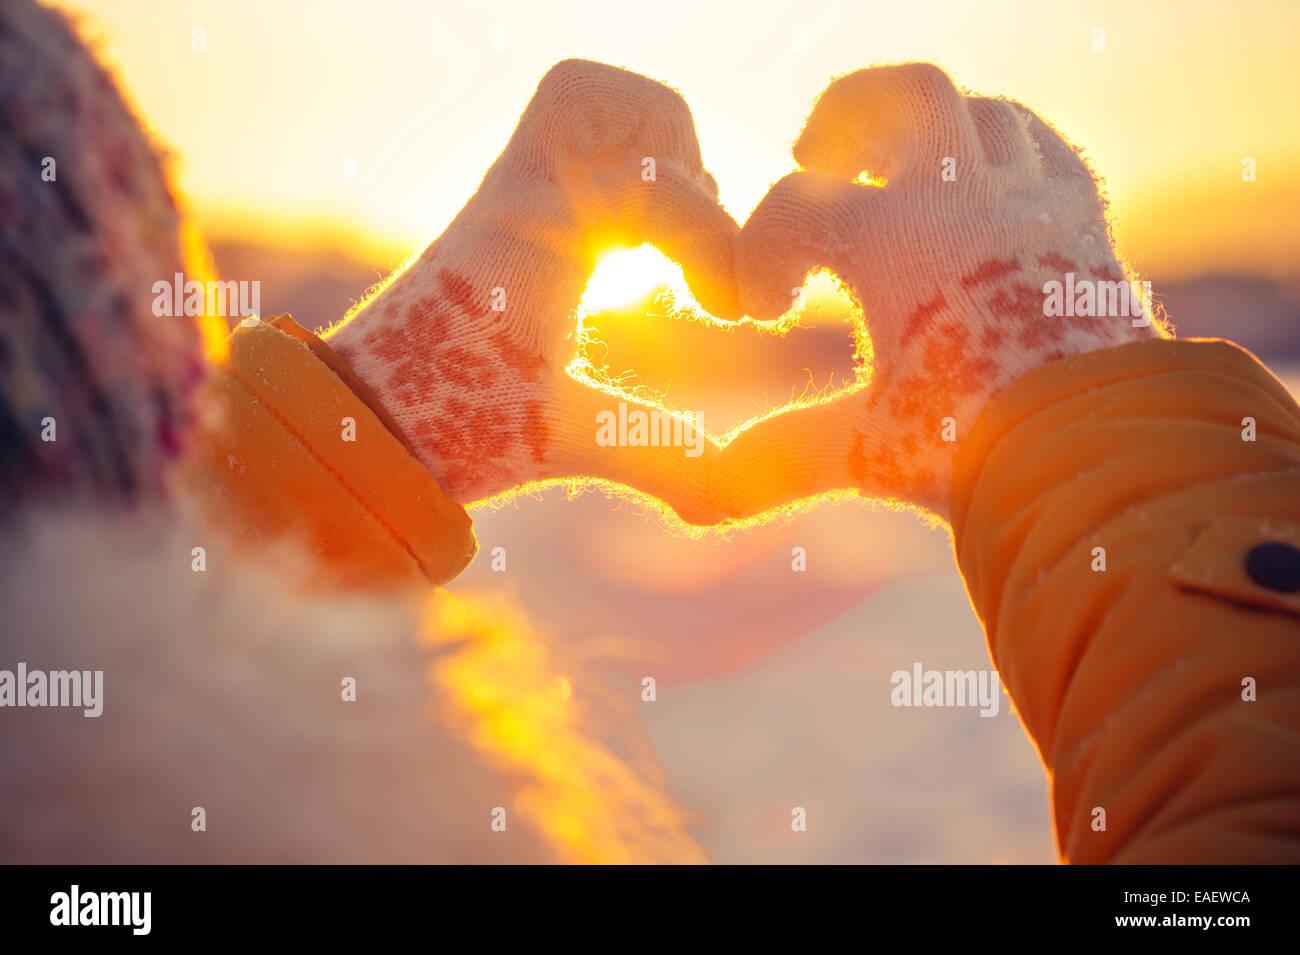 Mulher de mãos em luvas de inverno em forma de estilo de símbolo de coração e sentimentos conceito Imagens de Stock